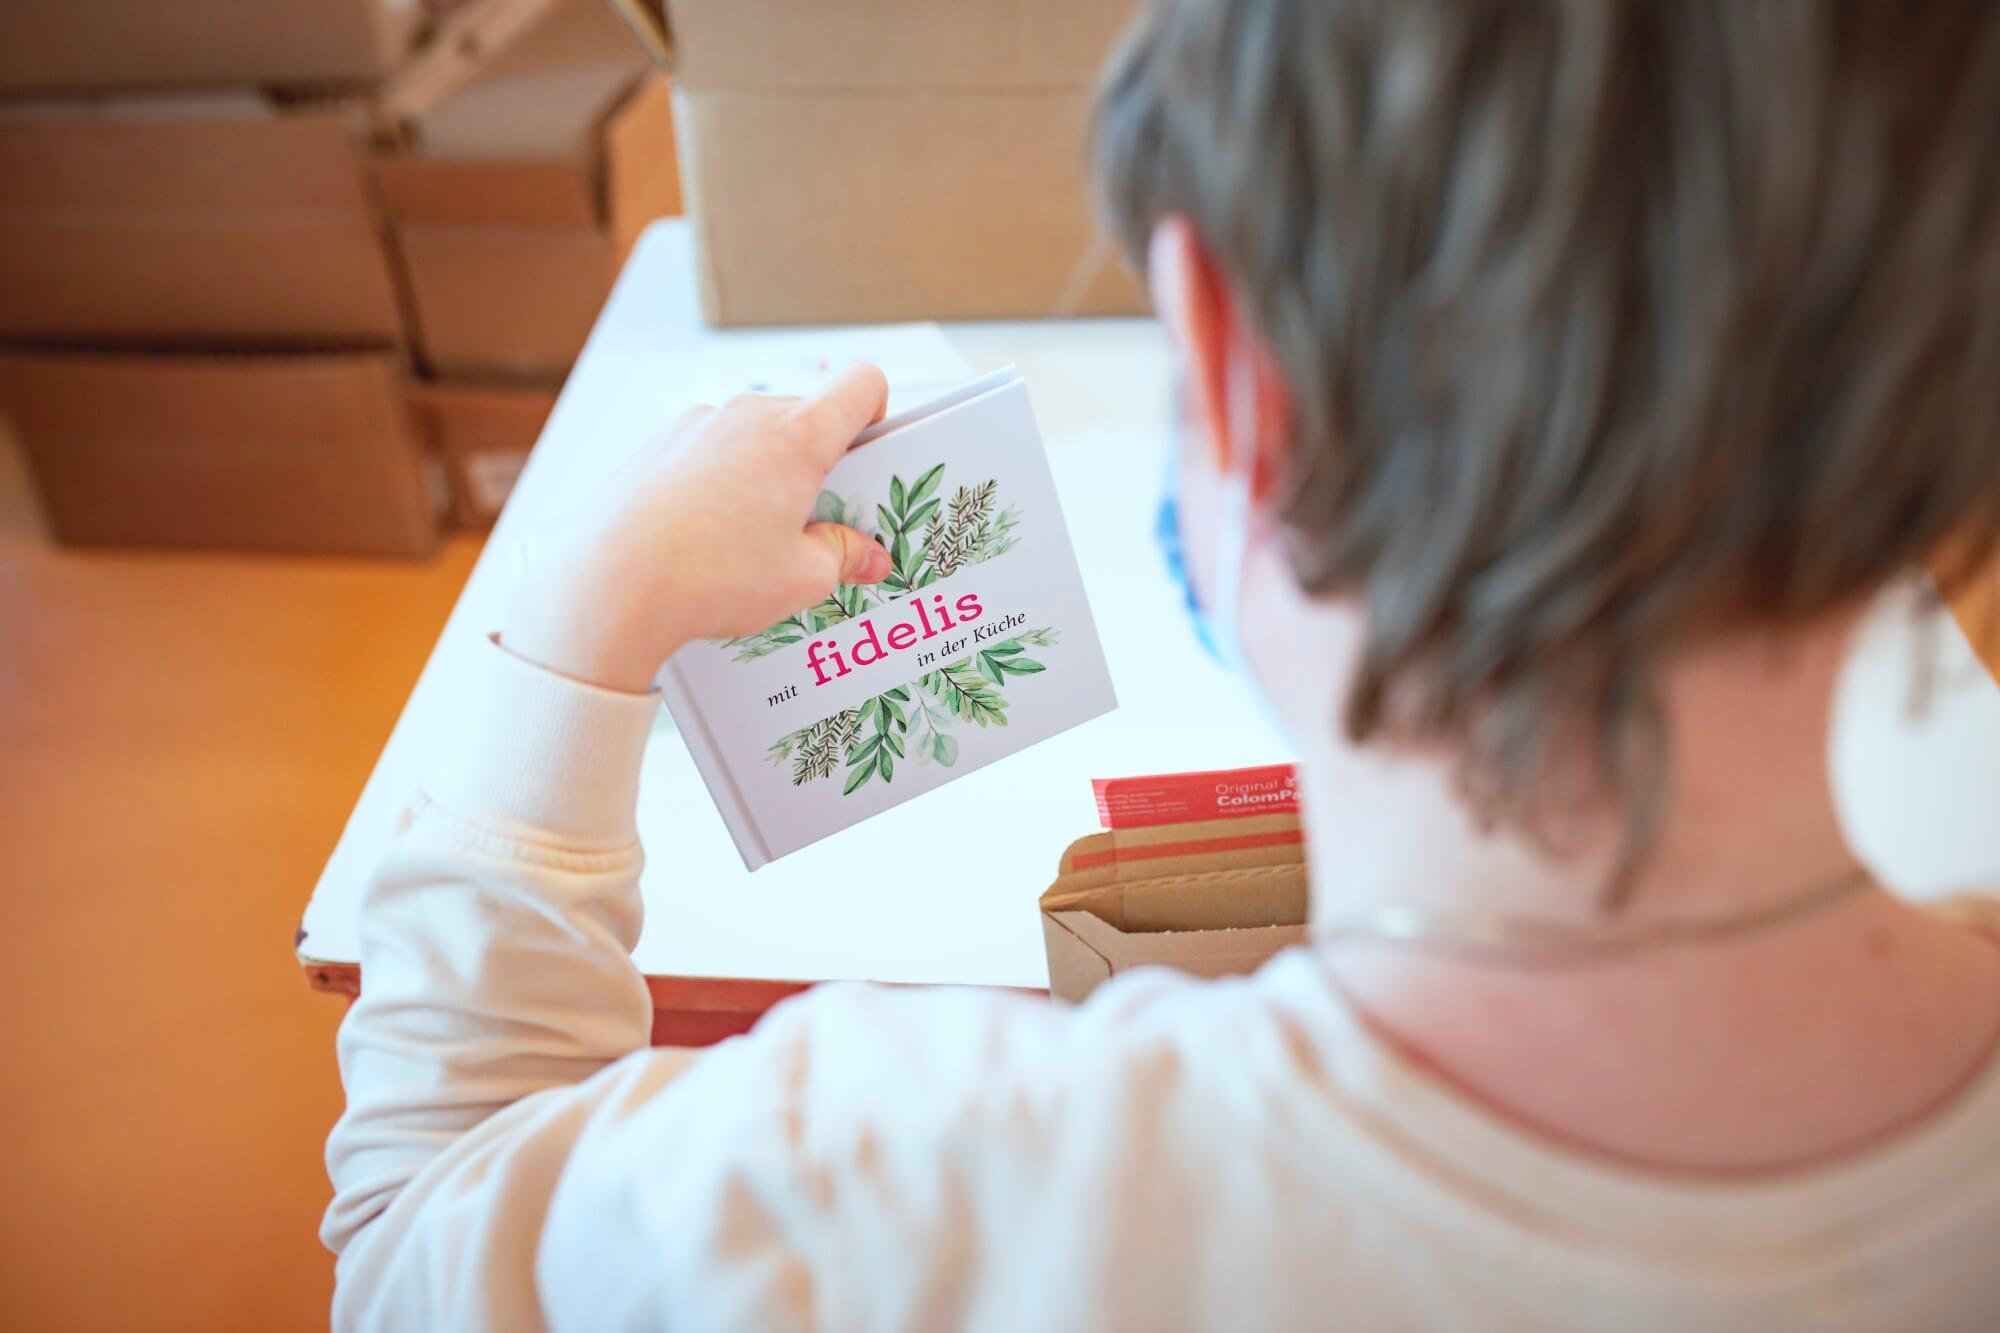 Eine junge Frau mit Behinderung kuvertiert ein Buch.